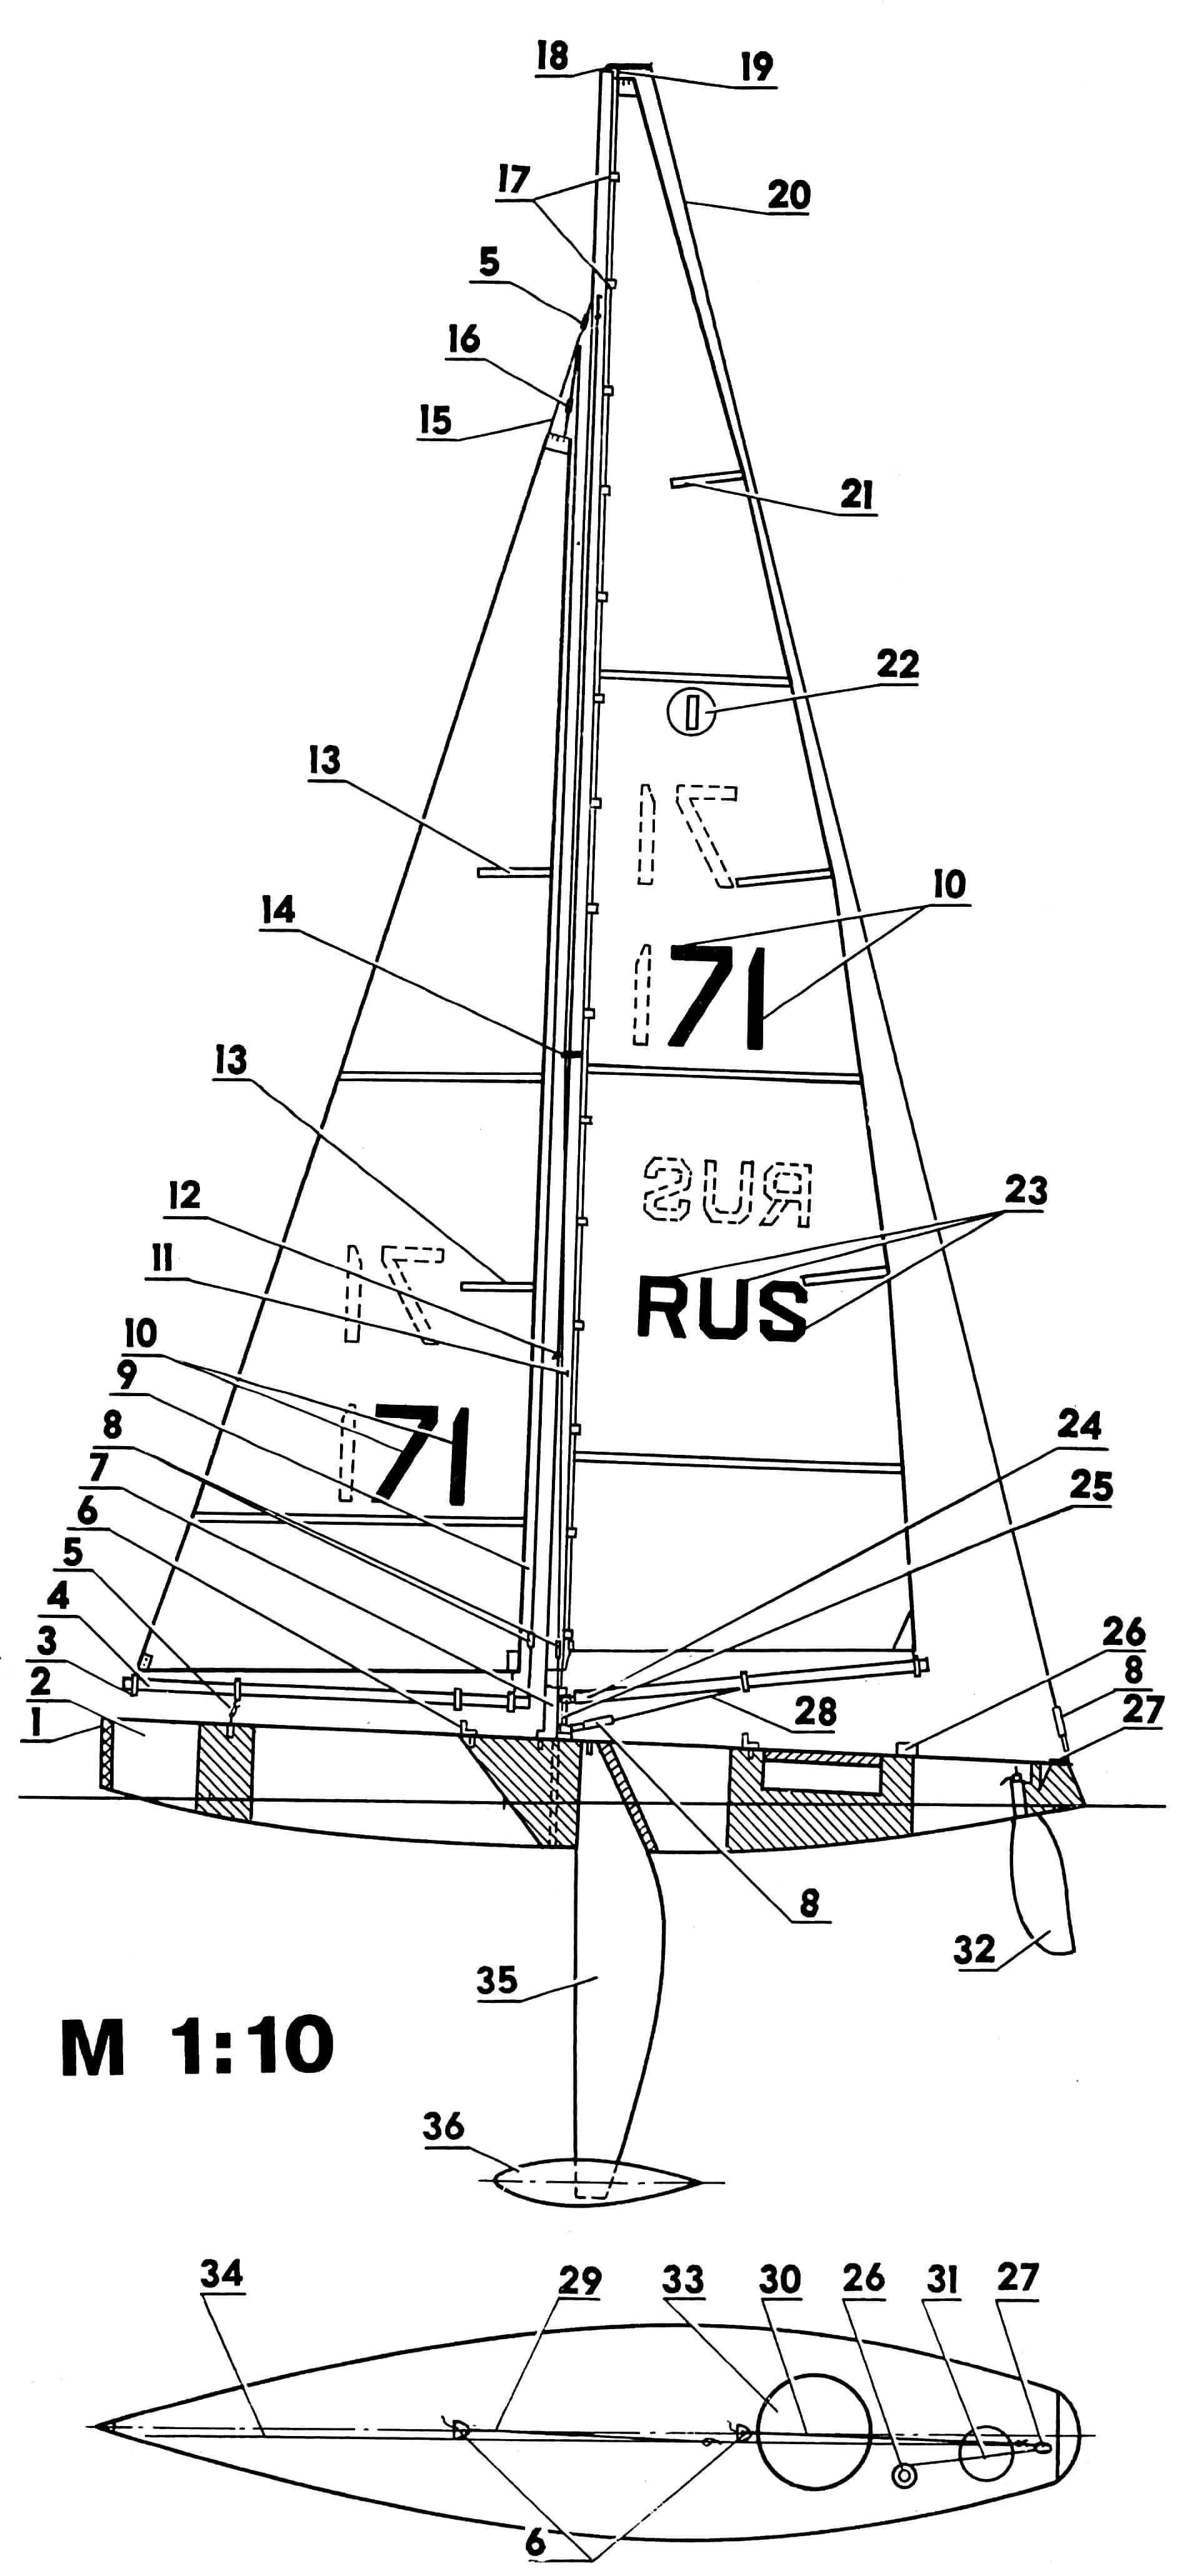 Радиоуправляемая модель яхты международного класса «1 метр»: 1 — кранец, 2 — корпус, 3 — хомут, 4 — стаксель-рей, 5 — вертлюги, 6 — клюзы шкота, 7 — шпор мачты, 8 — талрепы, 9 — топенант, 10 — номер паруса, 11 — мачта, 12 — ванта, 13 — латы стакселя, 14 — краспица, 15 — стаксель-штаг, 16 — натяжная планка, 17 — раксы грота, 18 — консоль ахтерштага, 19 — фал, 20 — ахтерштаг, 21 — лата грота, 22 — знак класса, 23 — буквы национальной принадлежности модели, 24 — грота-гик, 25 — ось грота-гика,26 — шкотовый барабан, 27 — блок, 28 — оттяжка гика, 29 — стаксель-шкот, 30 — грота-шкот, 31 — шкот, 32 — руль, 33 — крышка люка, 34 — шкотовая оттяжка, 35 — плавник, 36 — балласт.